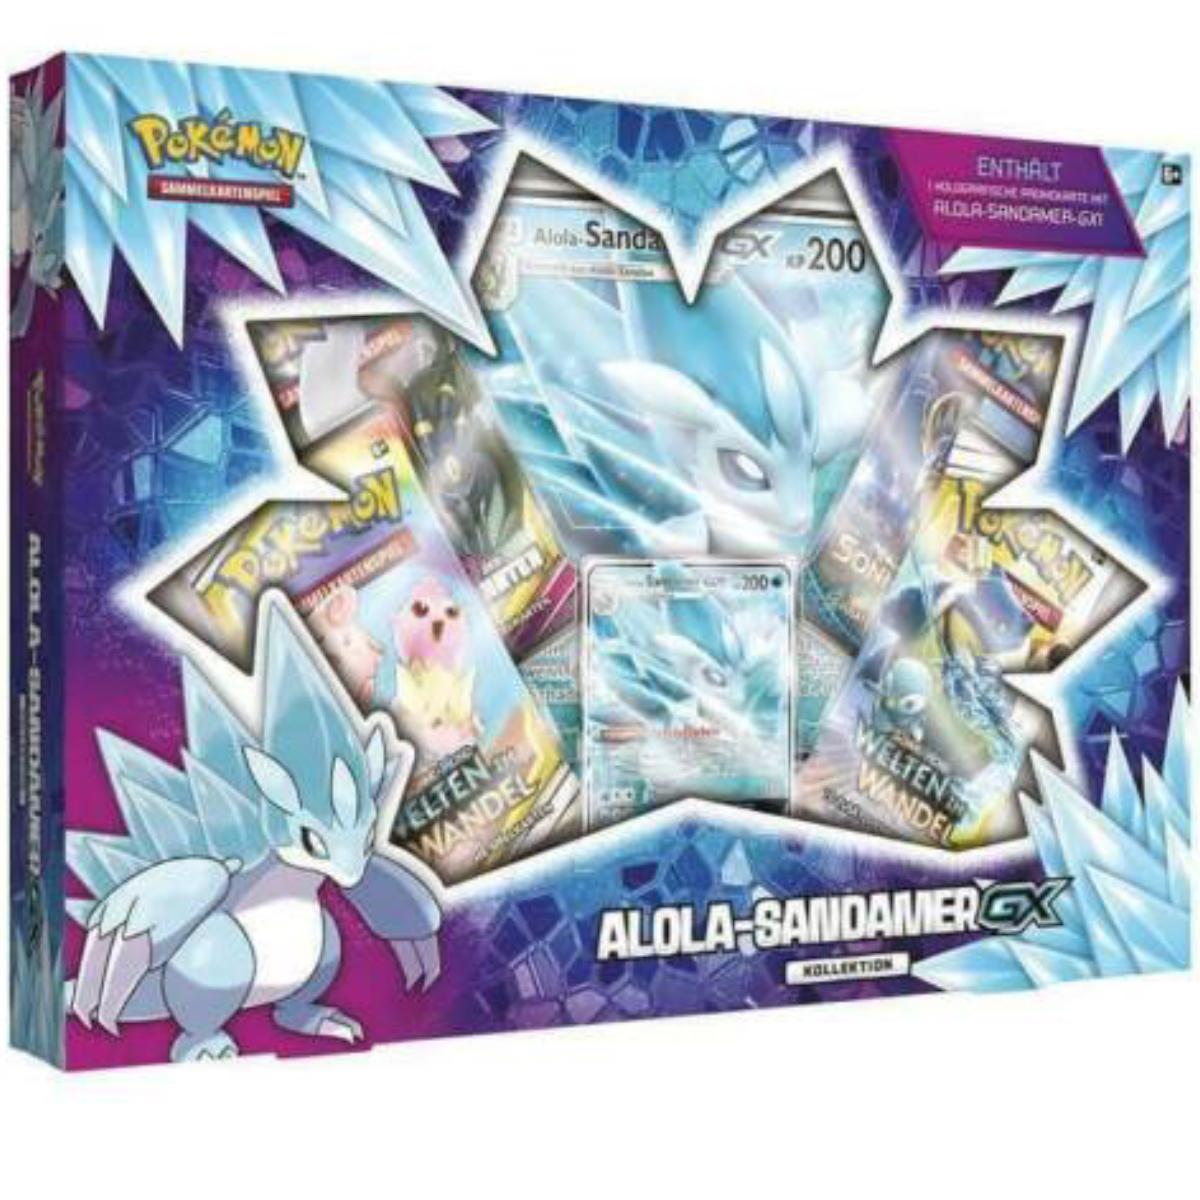 Pokemon Alola Sandamer GX Kollektion Box